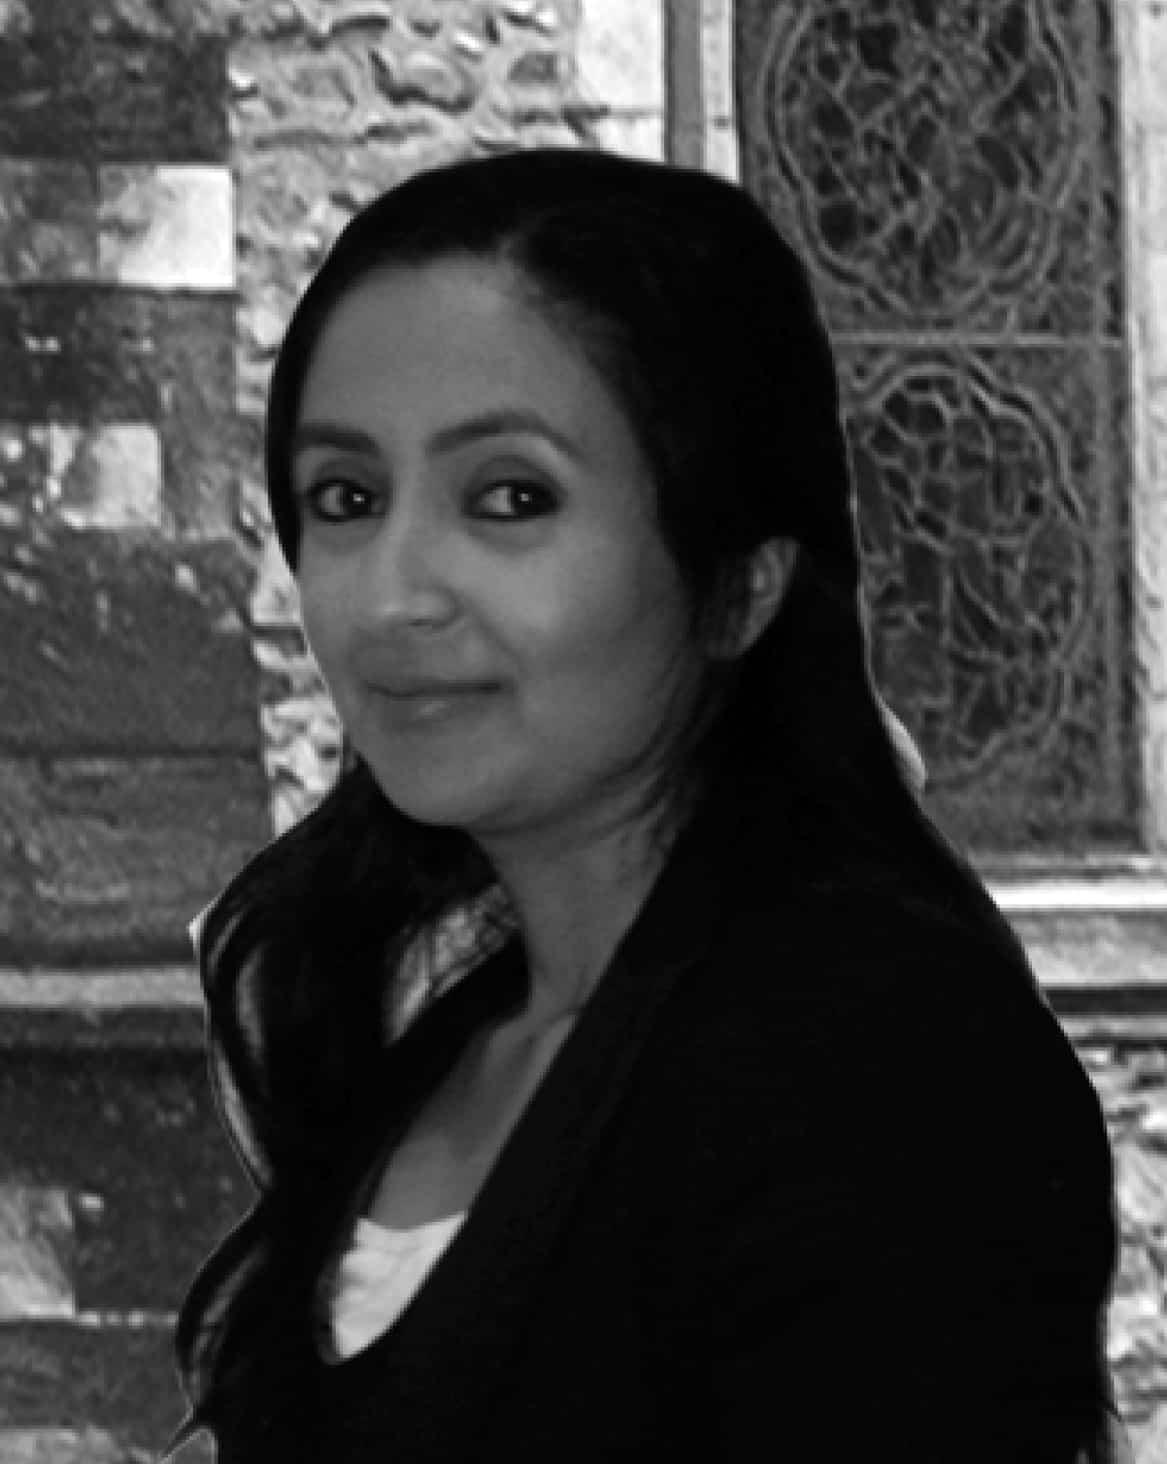 Sumita Mahtab-Shaikh